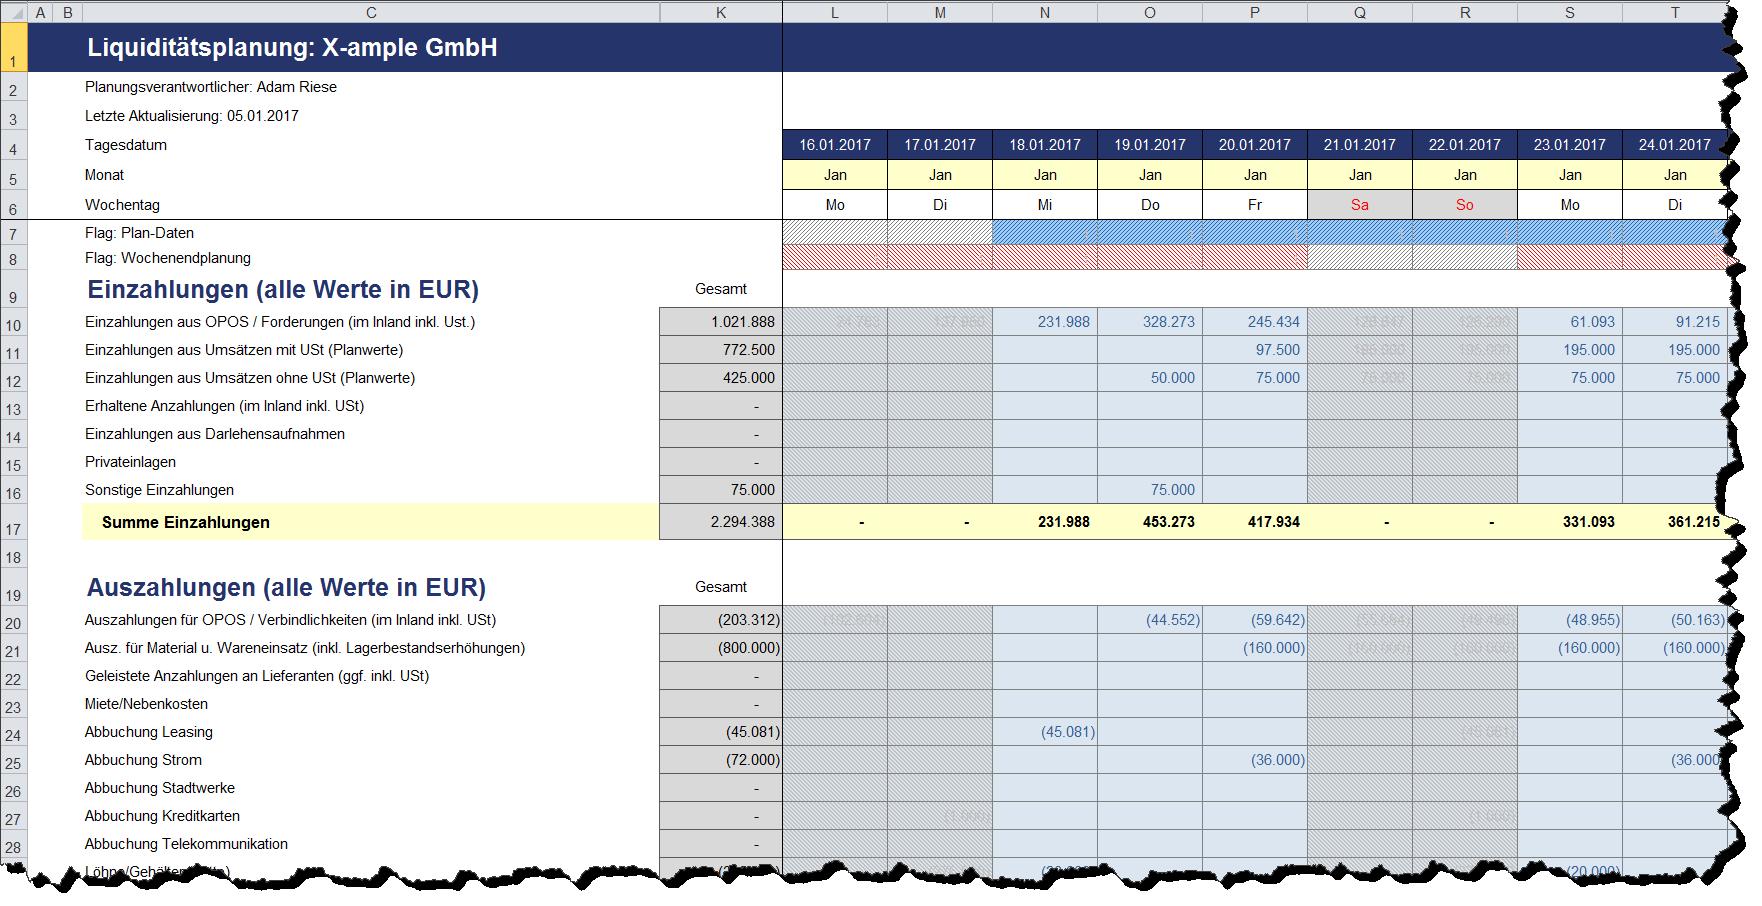 Ziemlich Tägliche Aufgabe Vorlage Excel Ideen - Entry Level Resume ...